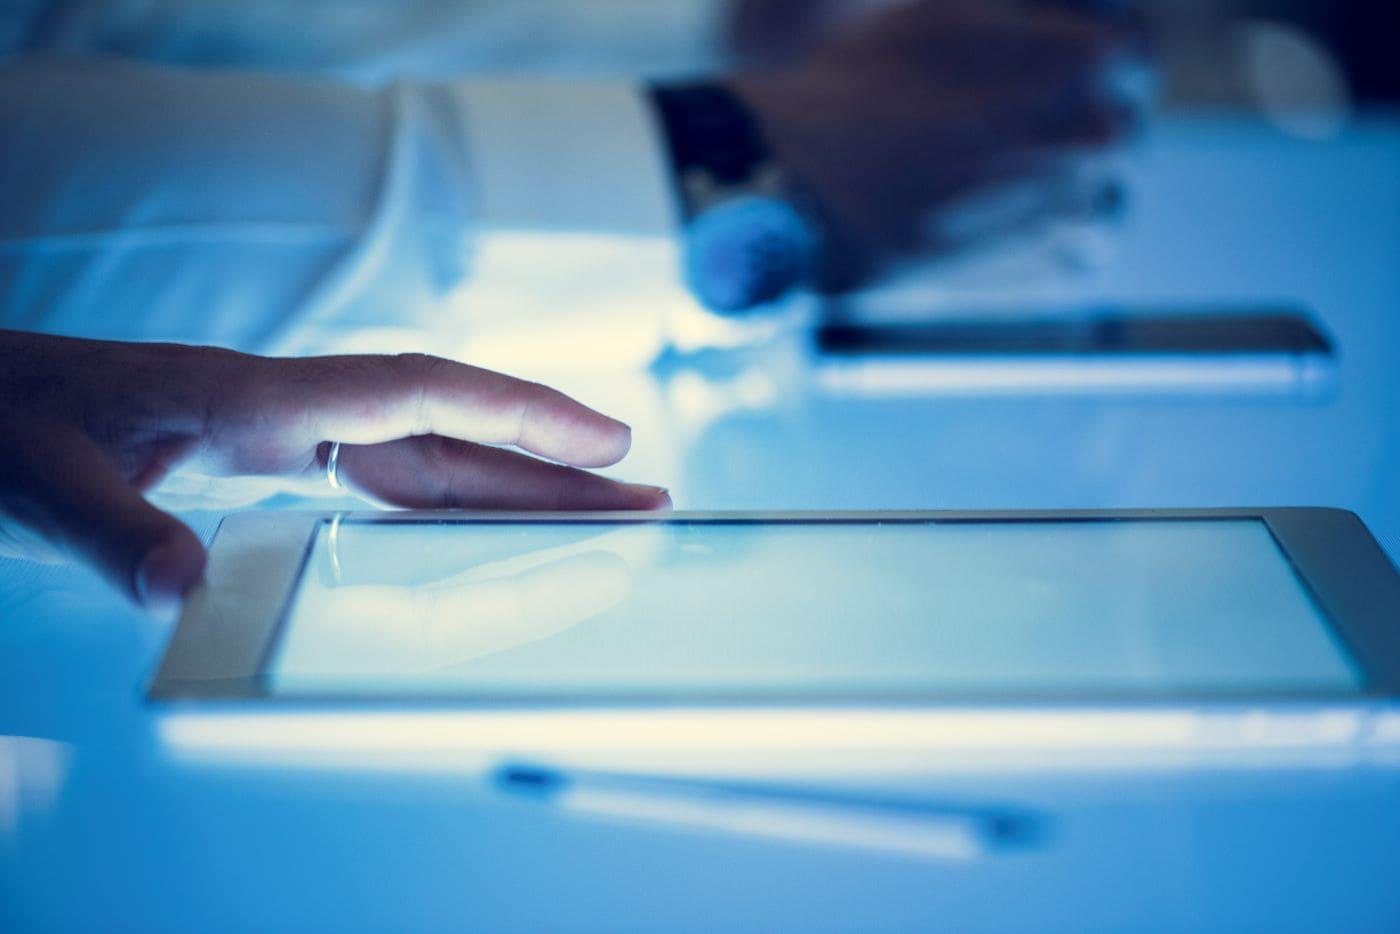 Qubic - Wie kommen Daten von der realen in die digitale Welt?